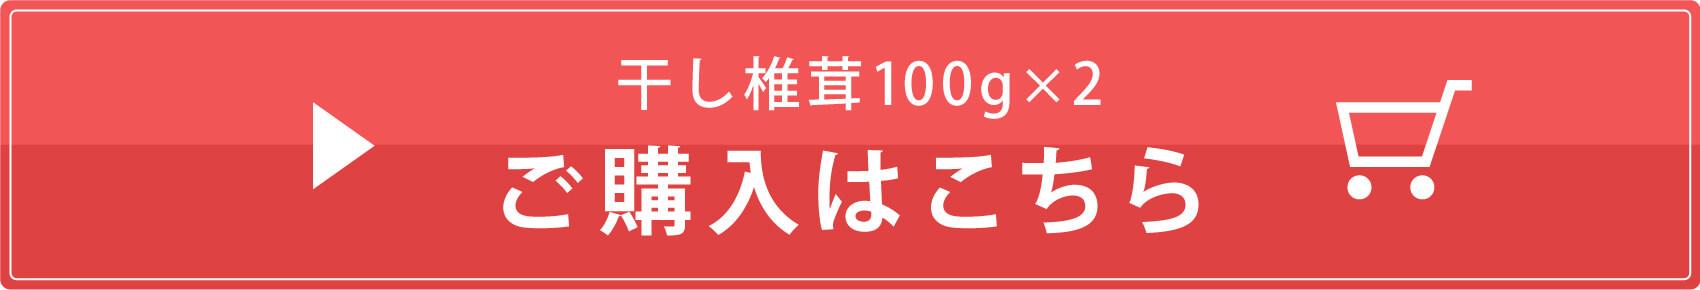 干し椎茸200g (100g/袋 x2)【送料無料】ご購入はこちら